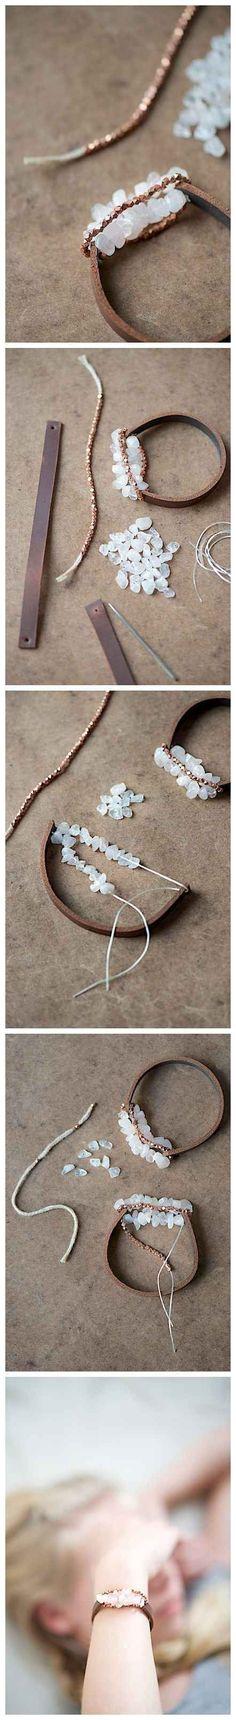 Chunky Leather Bracelet | 24 Super Easy DIY Bracelets: